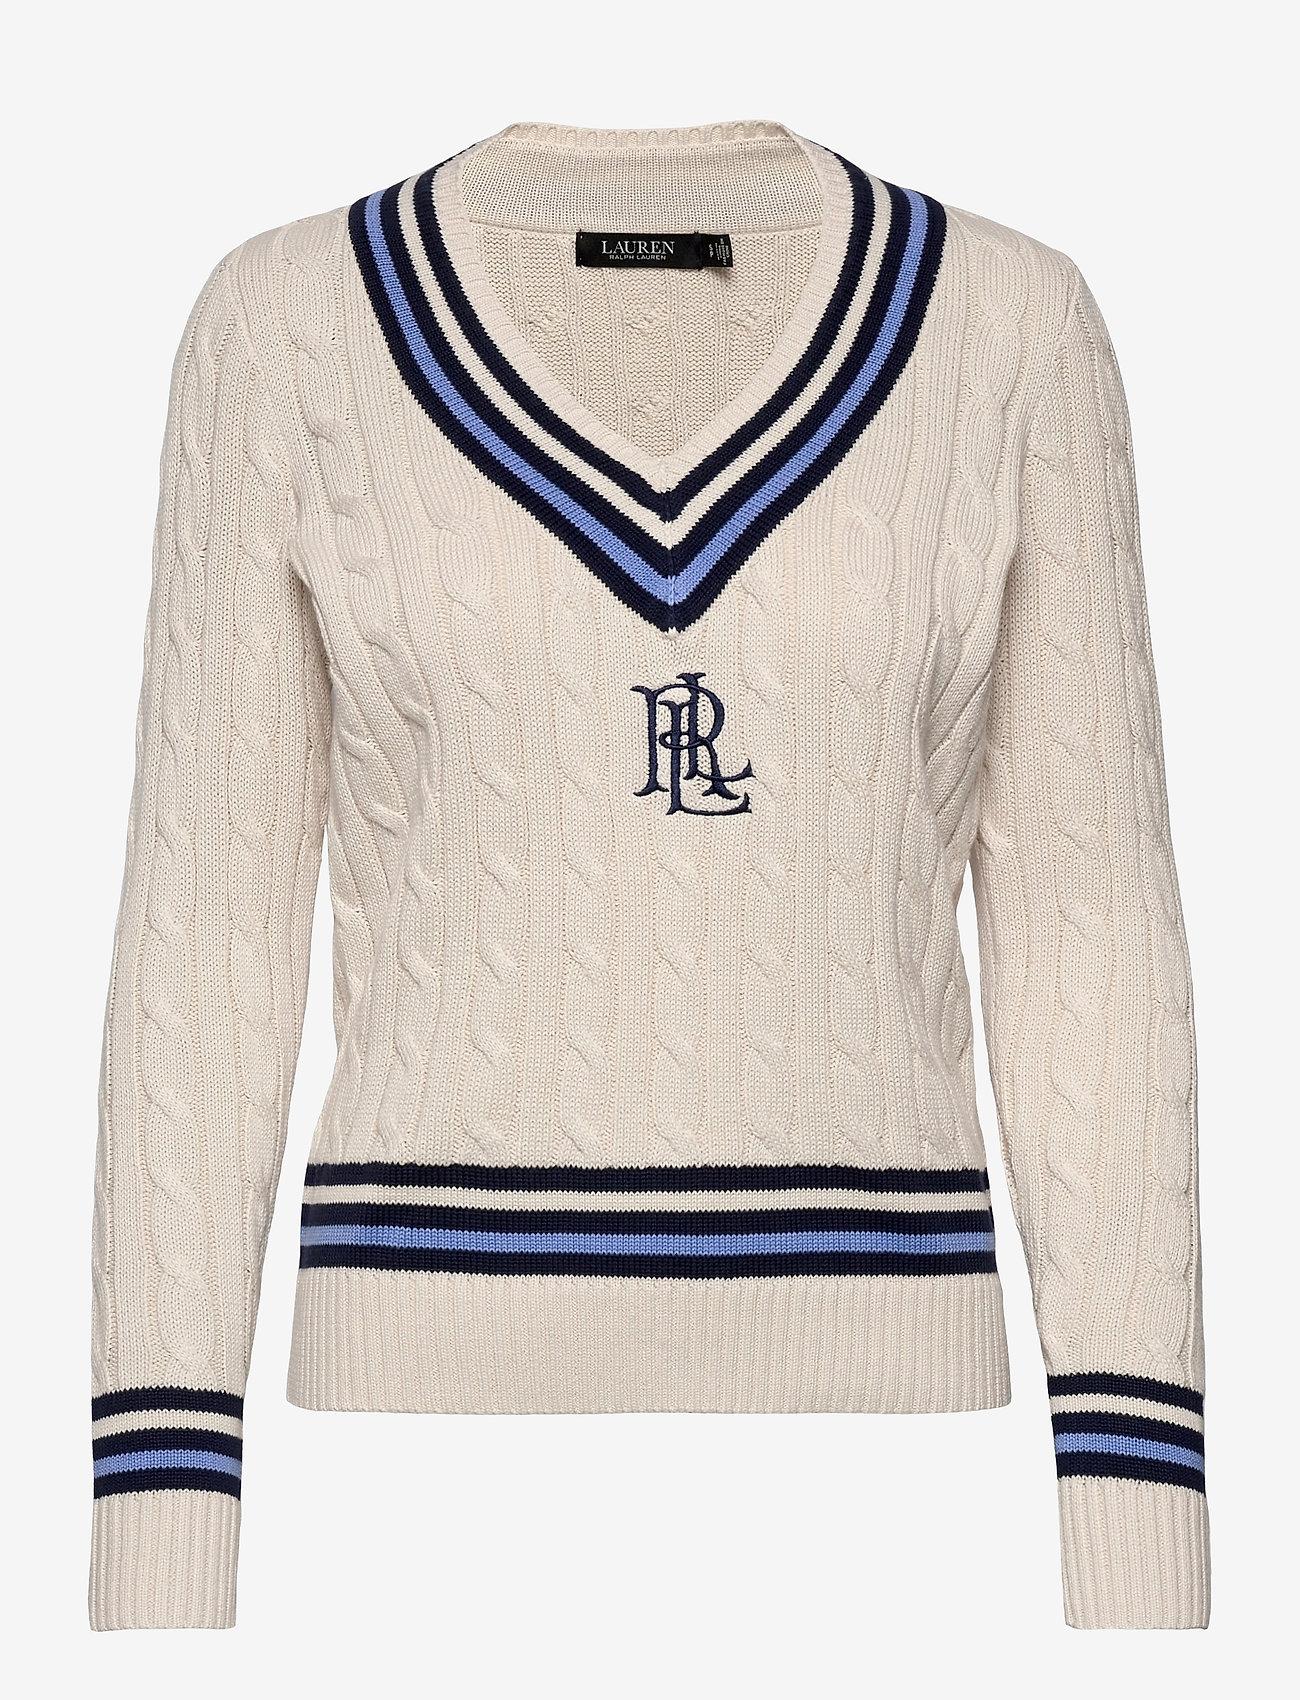 Lauren Ralph Lauren - Logo Cricket Sweater - pulls - mascrm/fnvy/cbl - 1